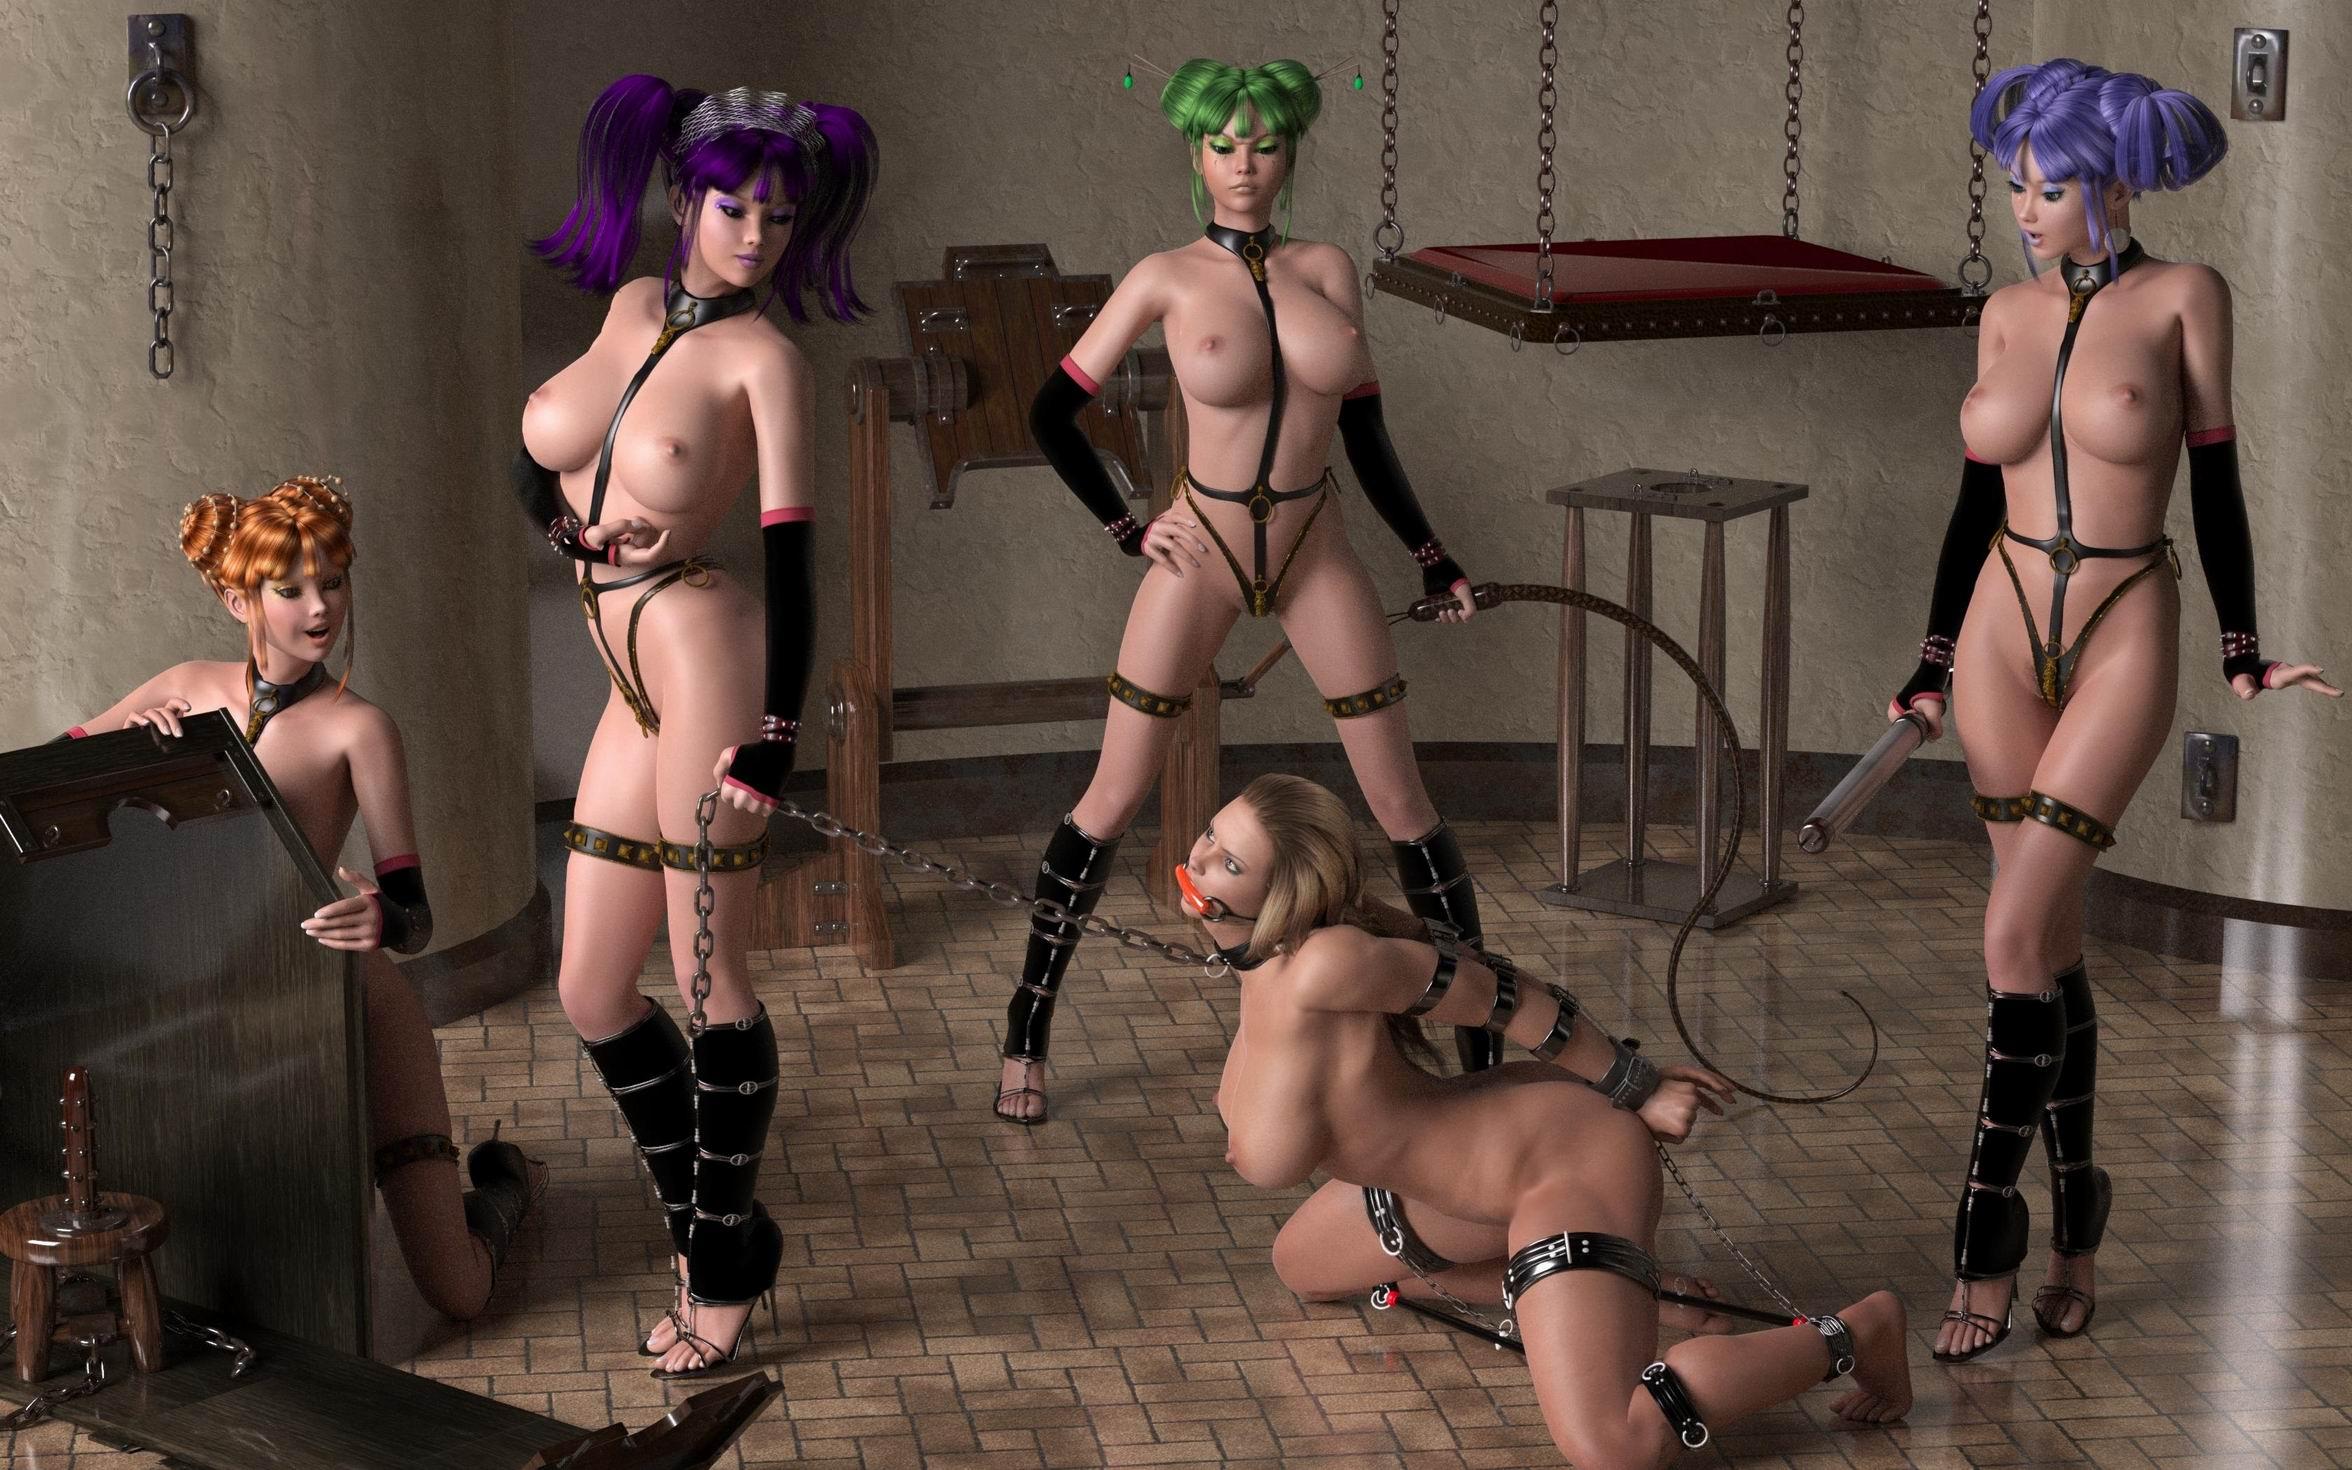 Порно рисунки картинки вдсм фото 359-52